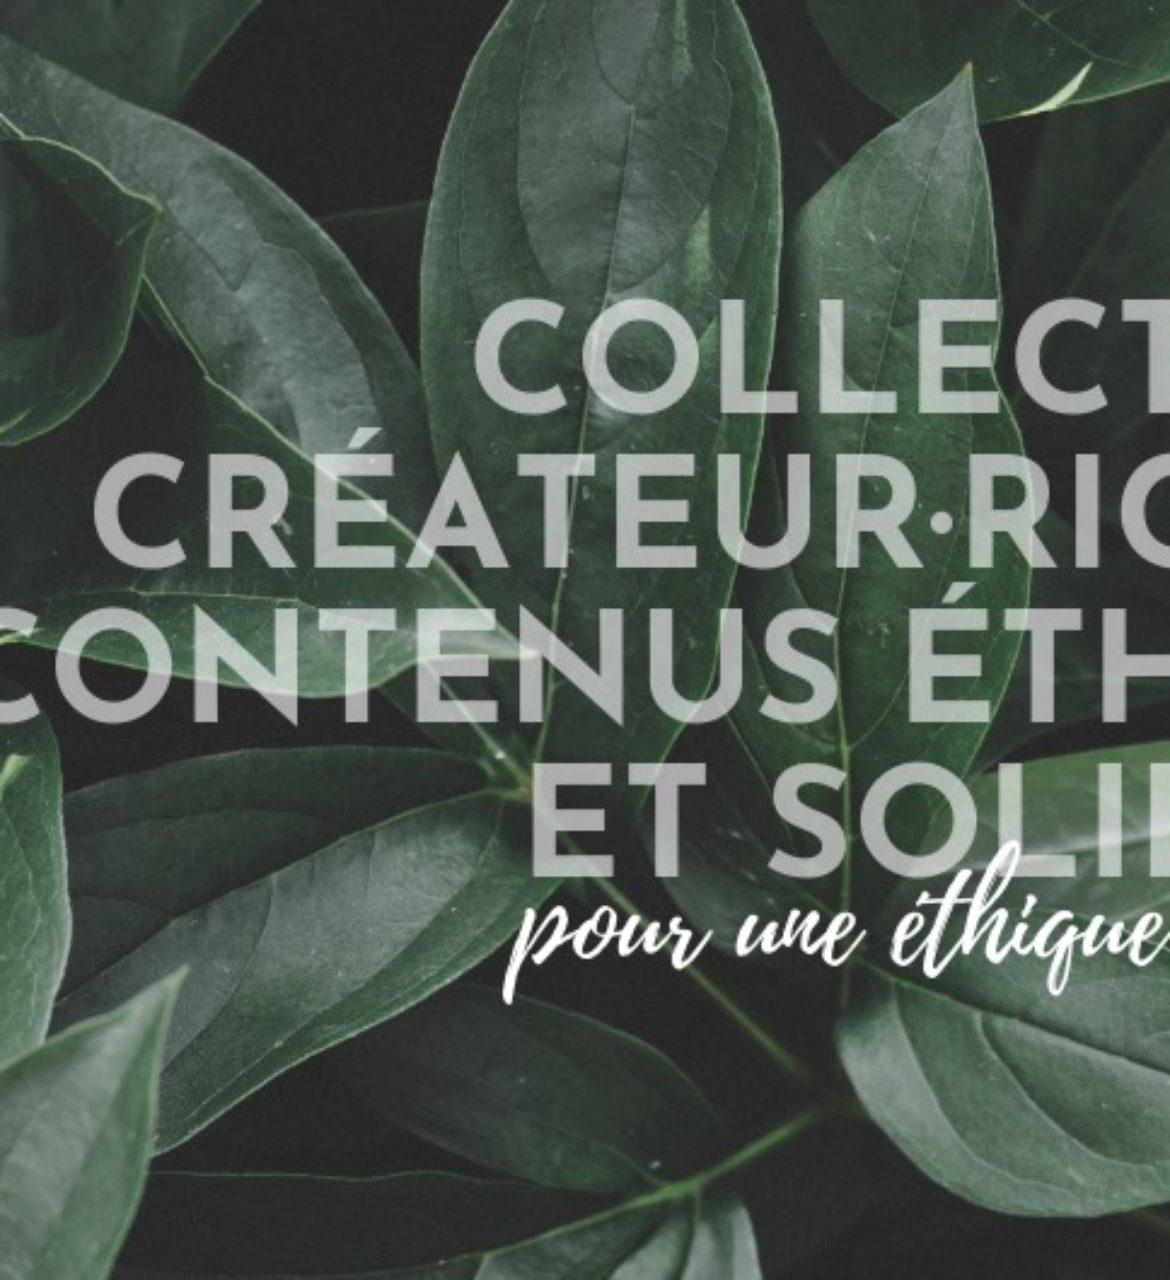 Charte d'engagement des créateur·rice·s de contenus éthiques et solidaires